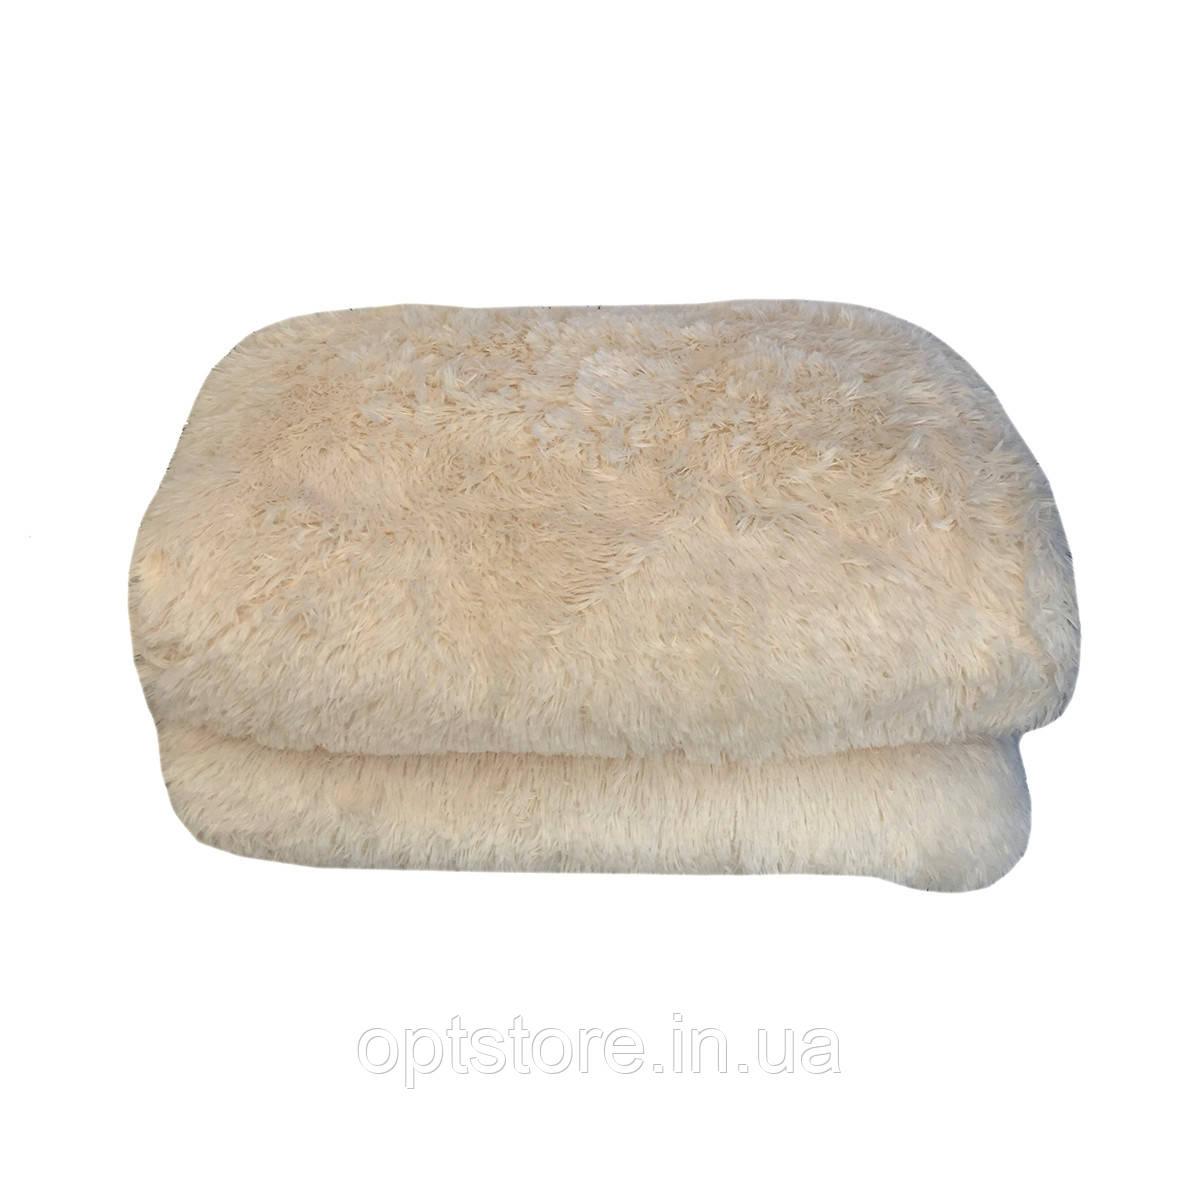 """""""молочный"""" пушистый плед - одеяло """"травка"""" размер 210*230 см, наполнитель силикон"""